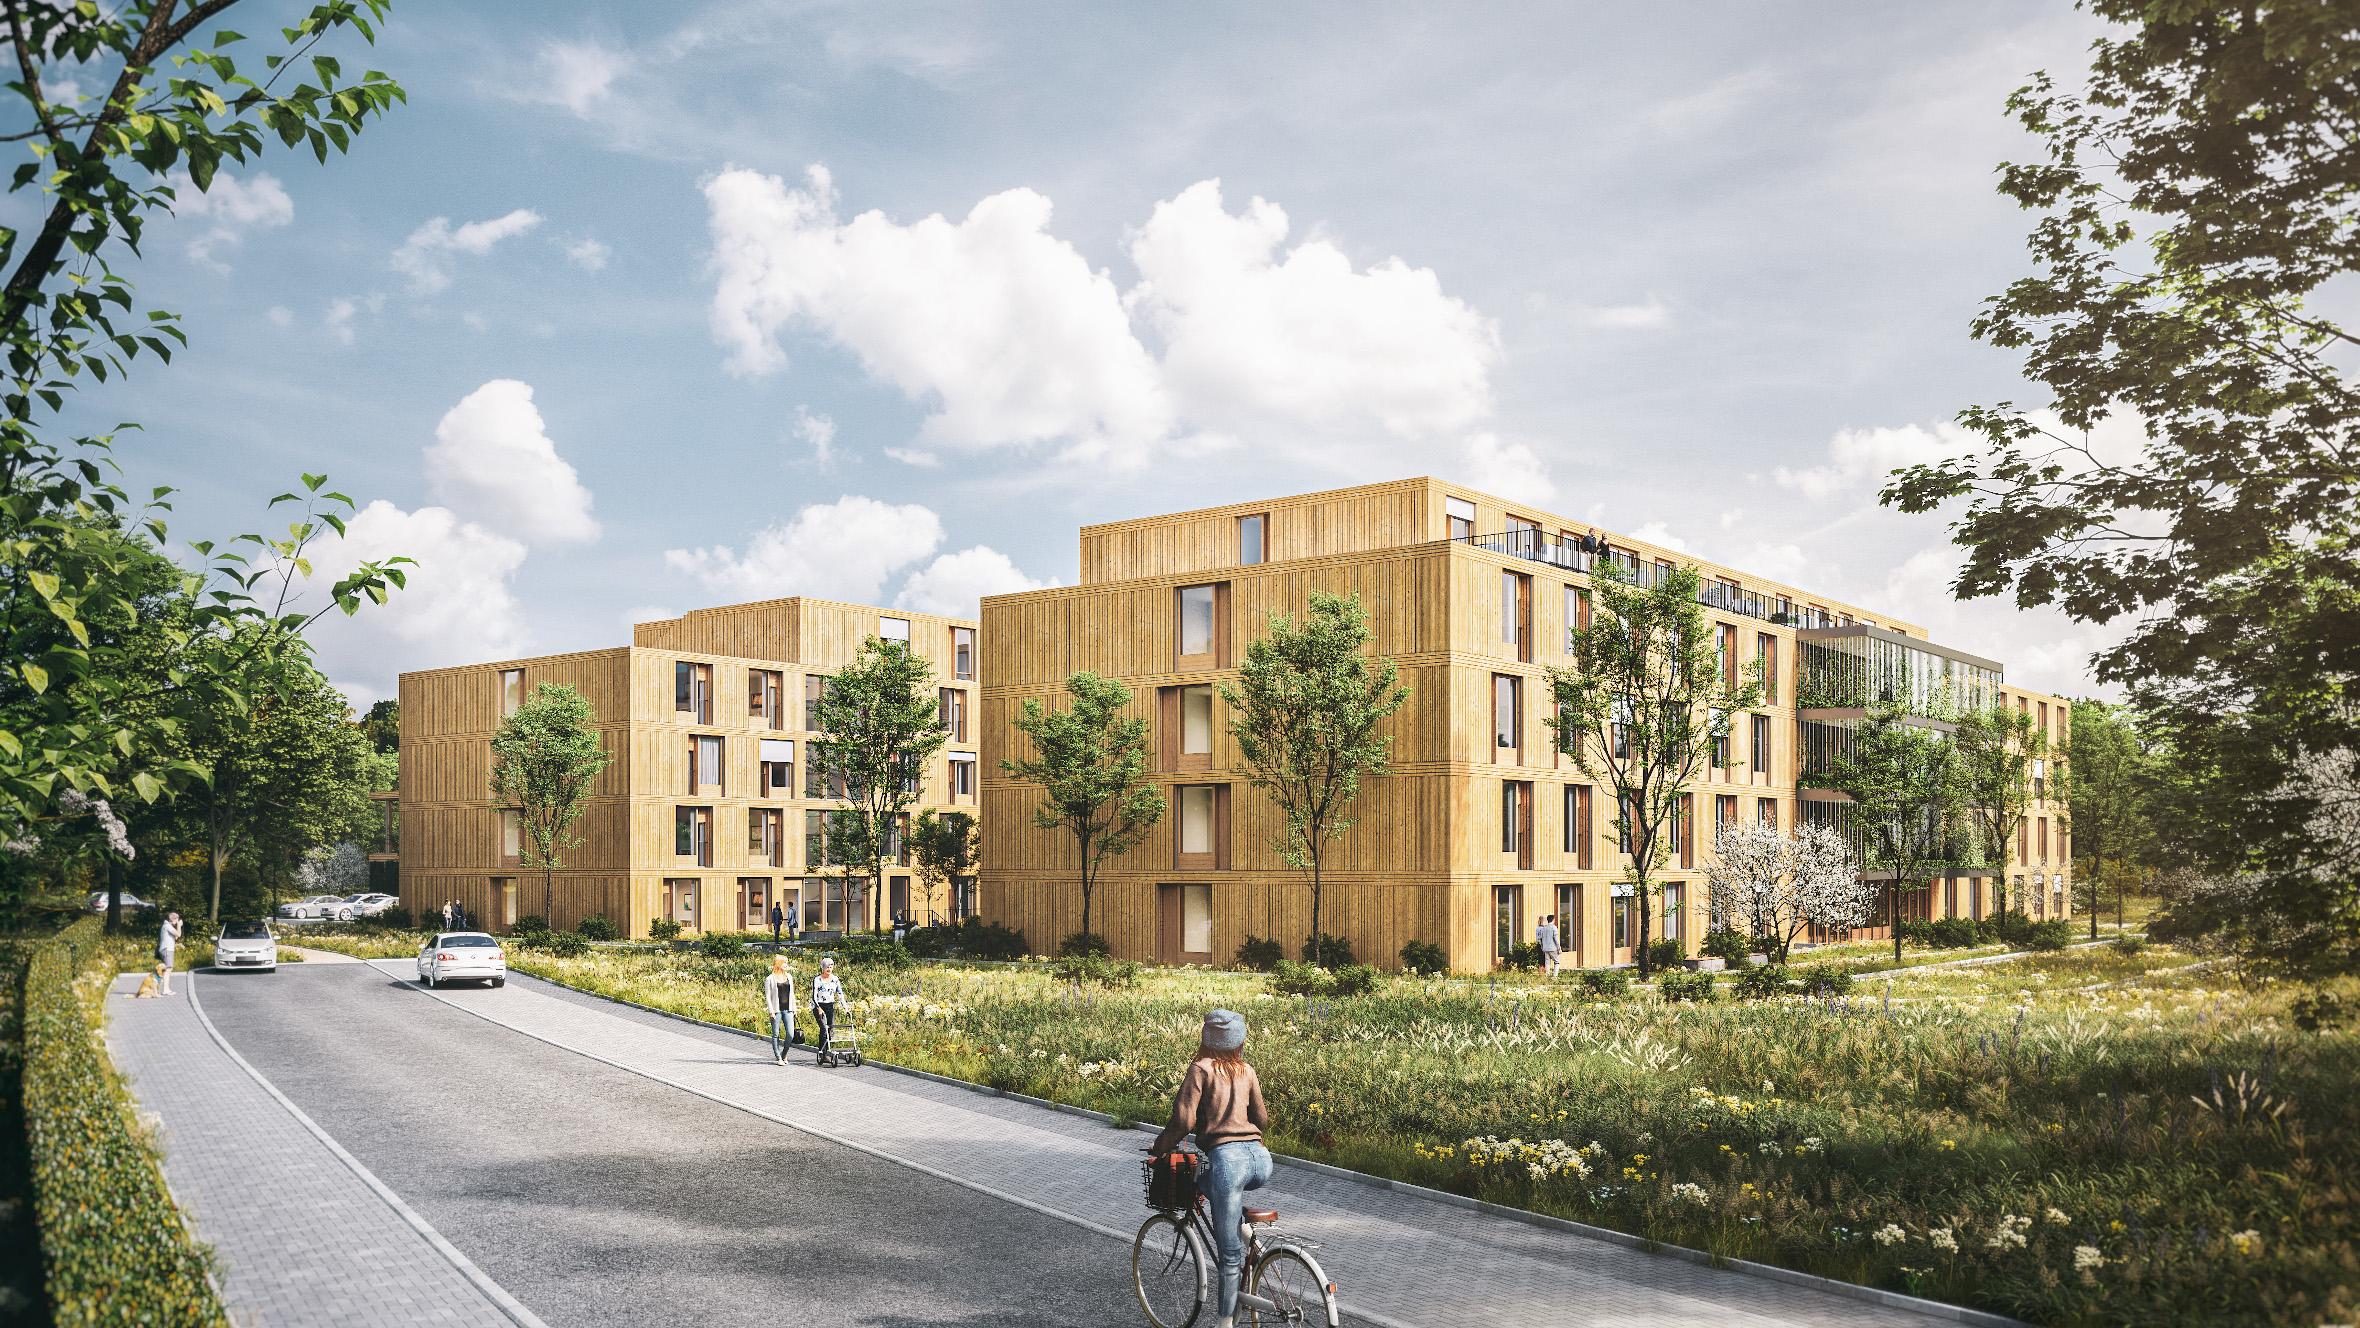 Nordansicht des geplanten Seniorenwohn- und Pflegeheim in Allach